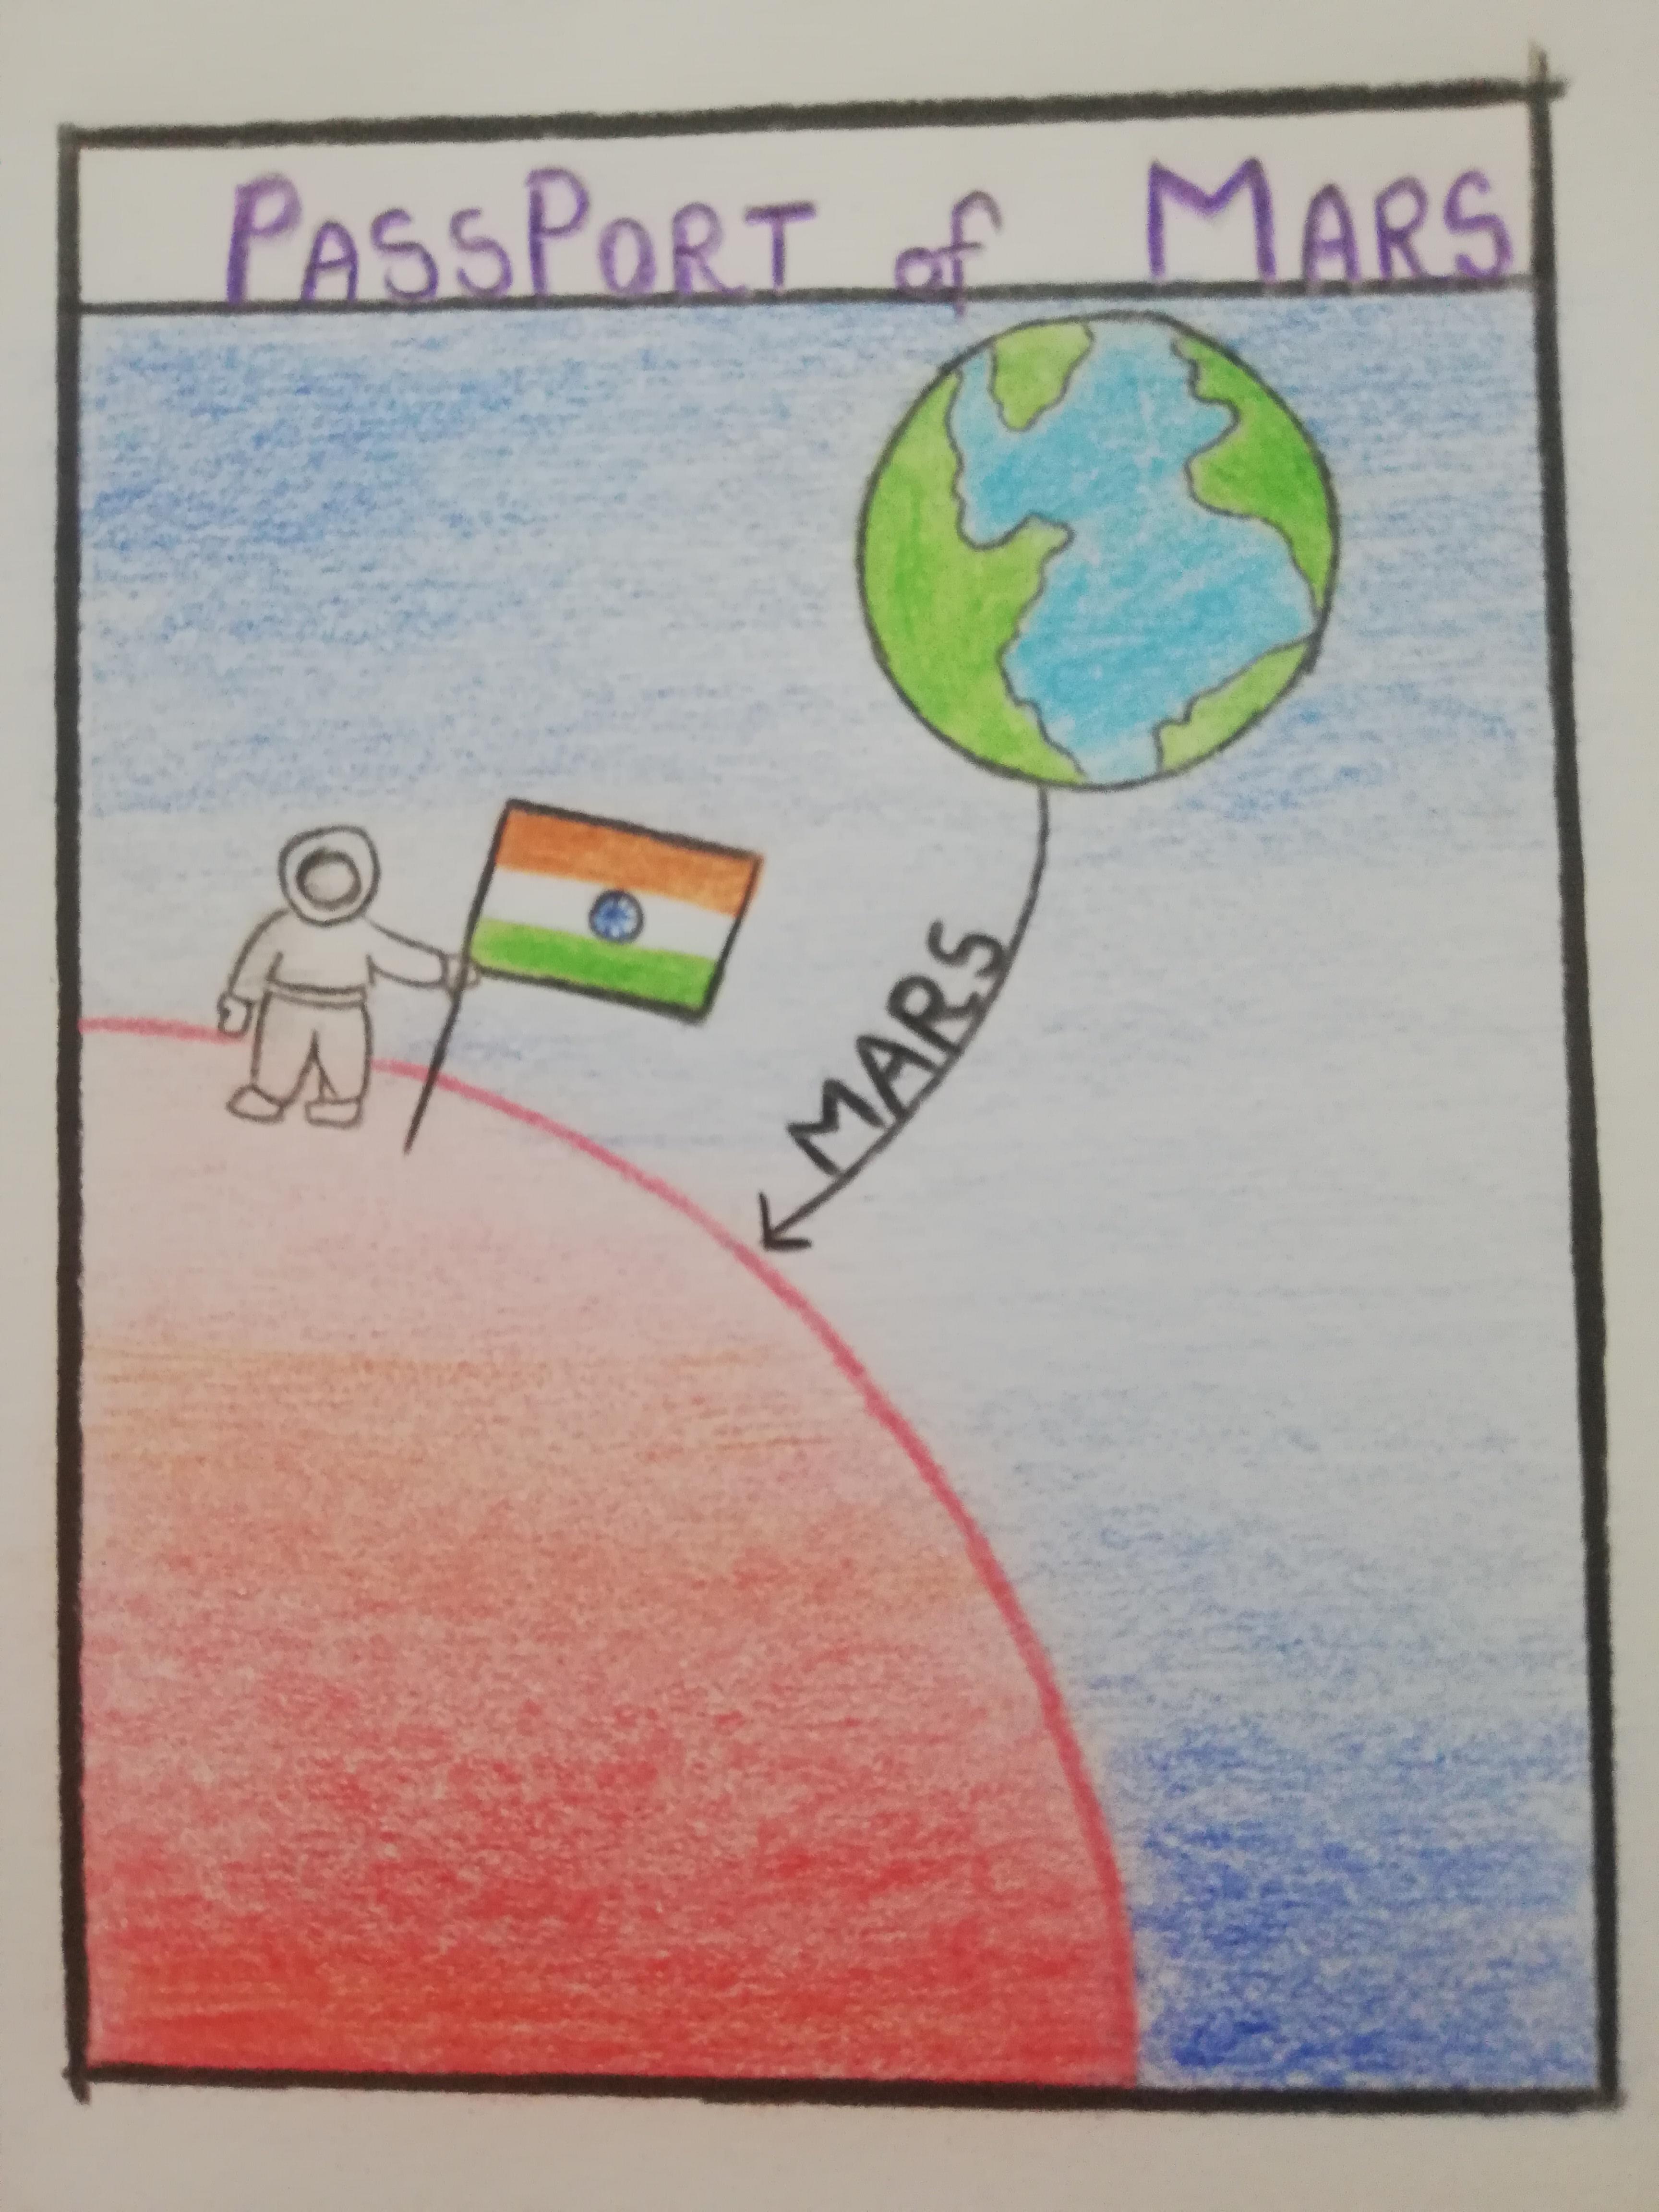 IMG_20200725_171333 - Abhilasha Purohit.